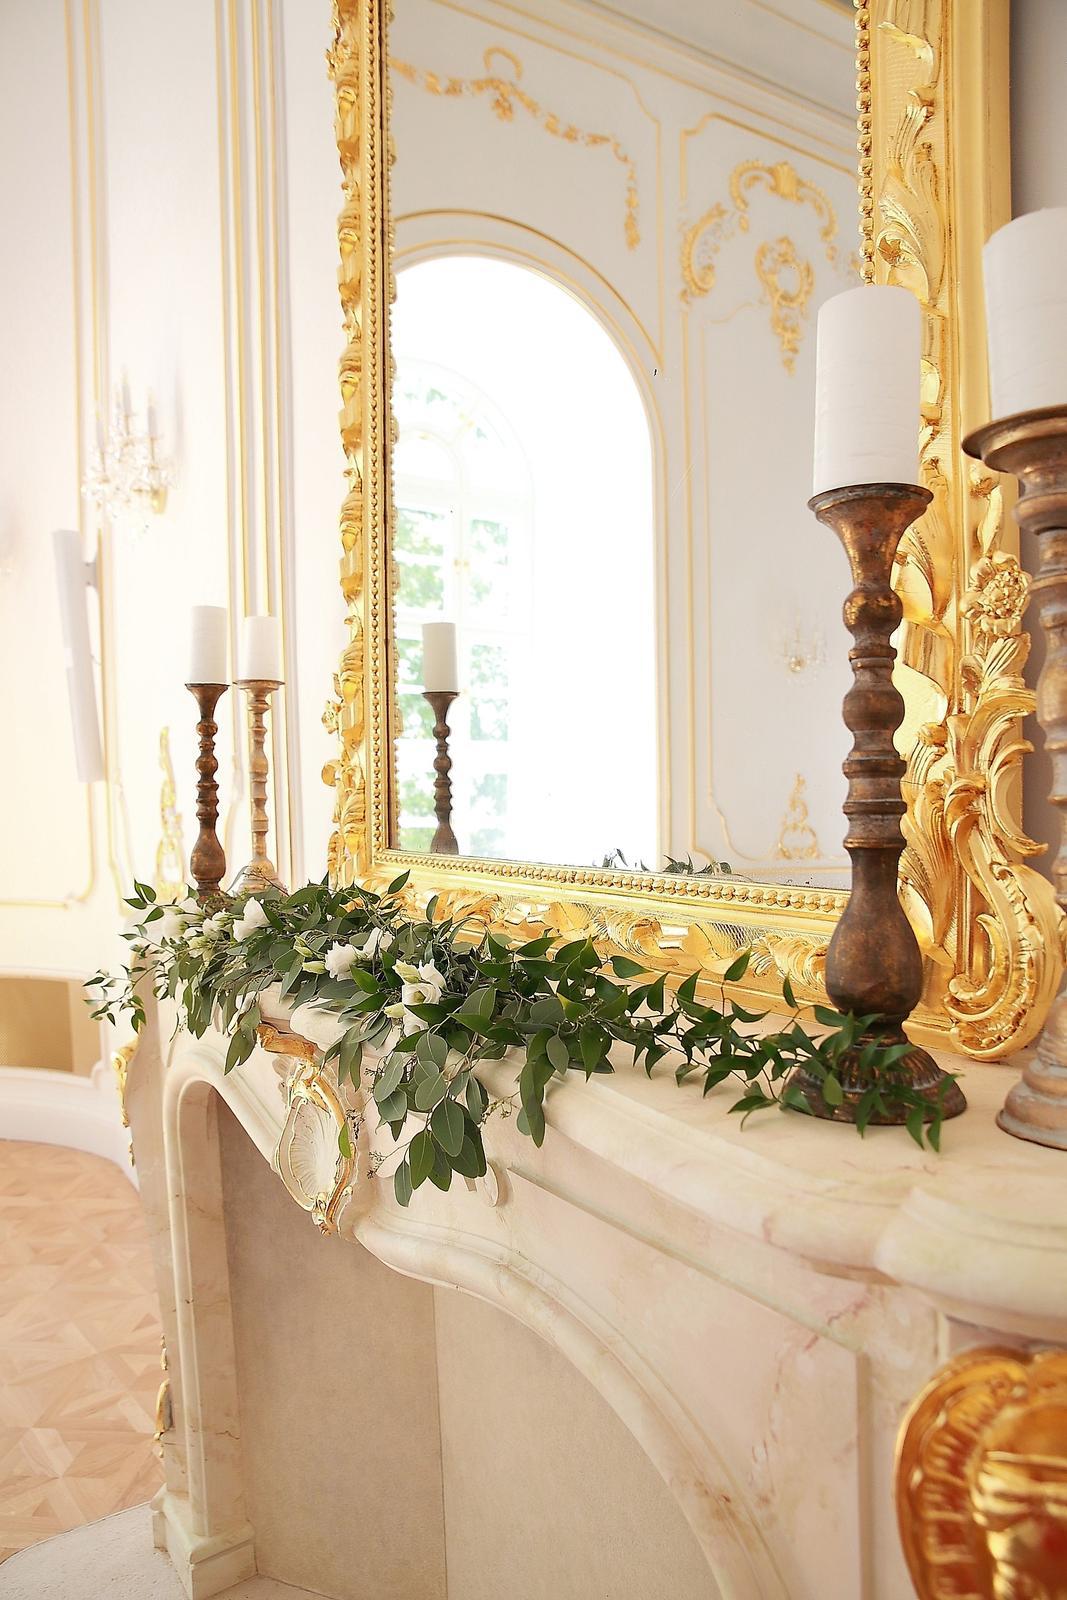 Svadobné dekorácie - požičovňa svadobných dekor. - Obrázok č. 21